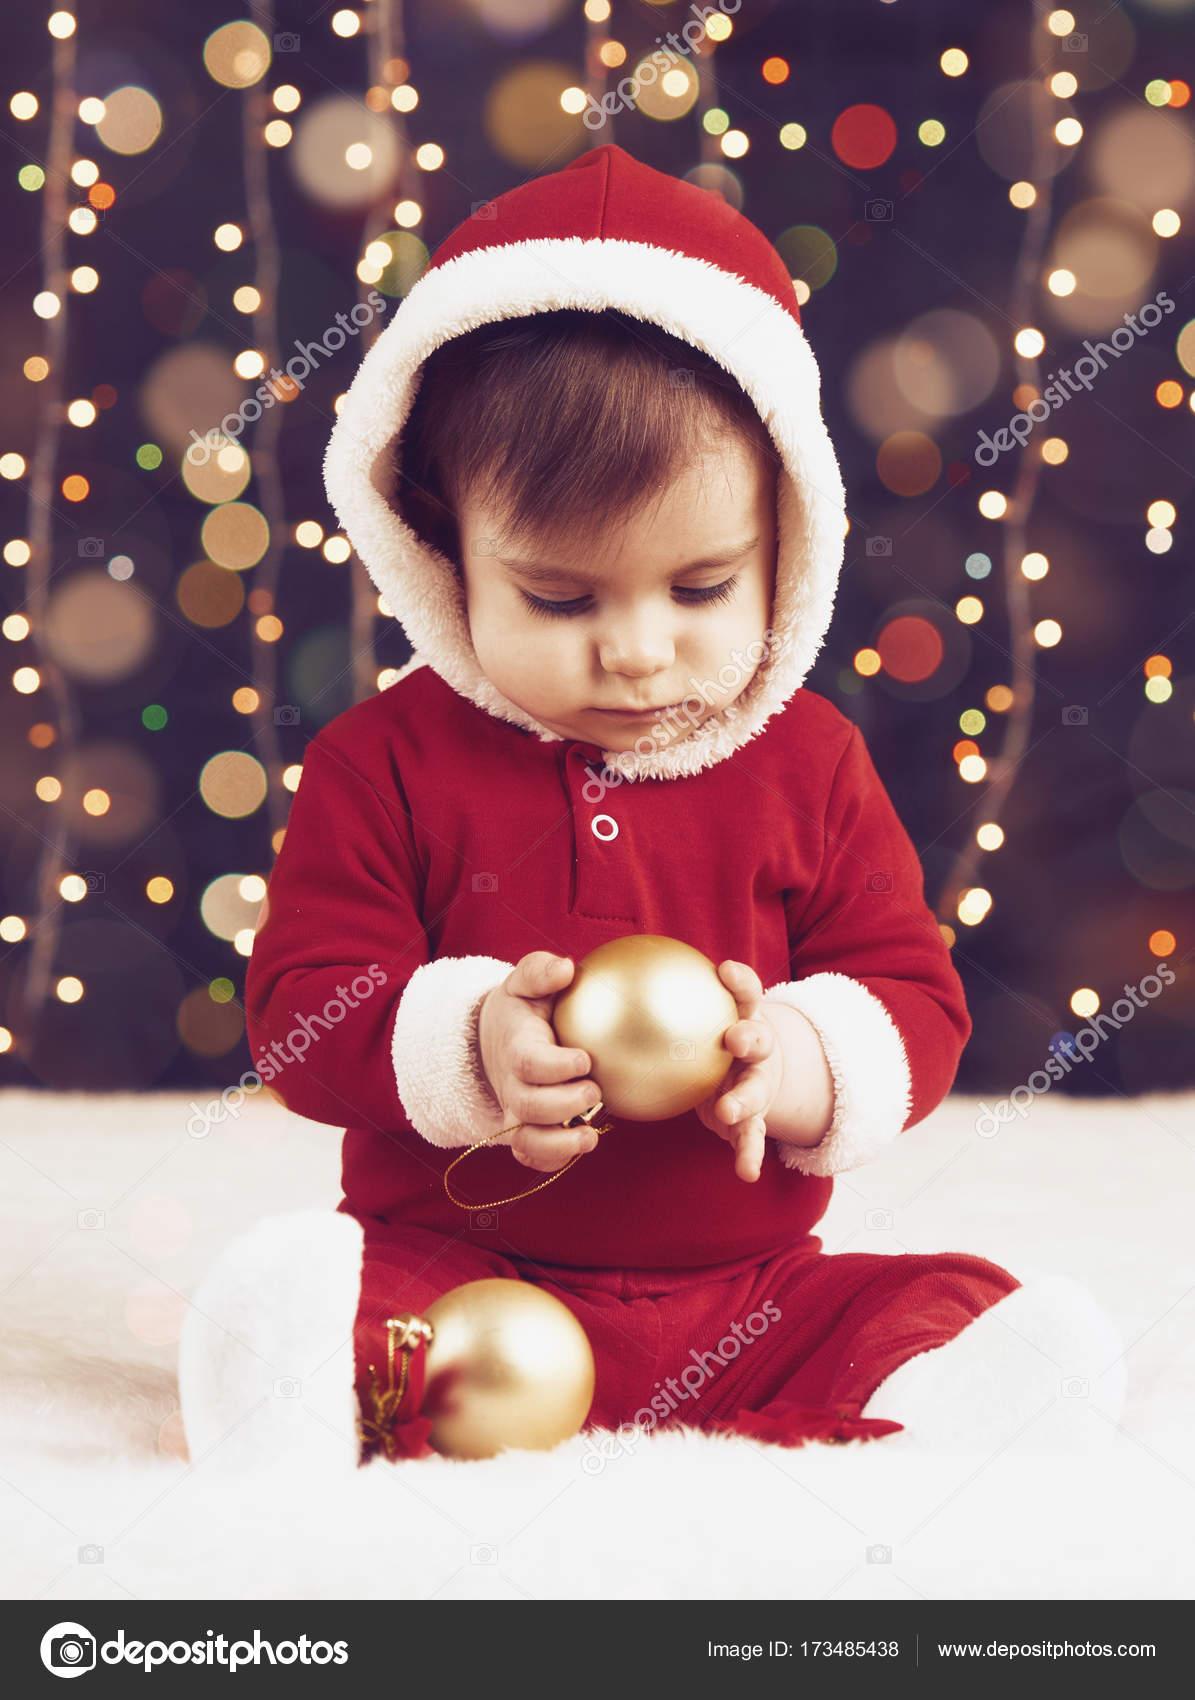 Ragazzino bambino vestito come Babbo Natale che suona con decorazione di  Natale 724e31d4bfd